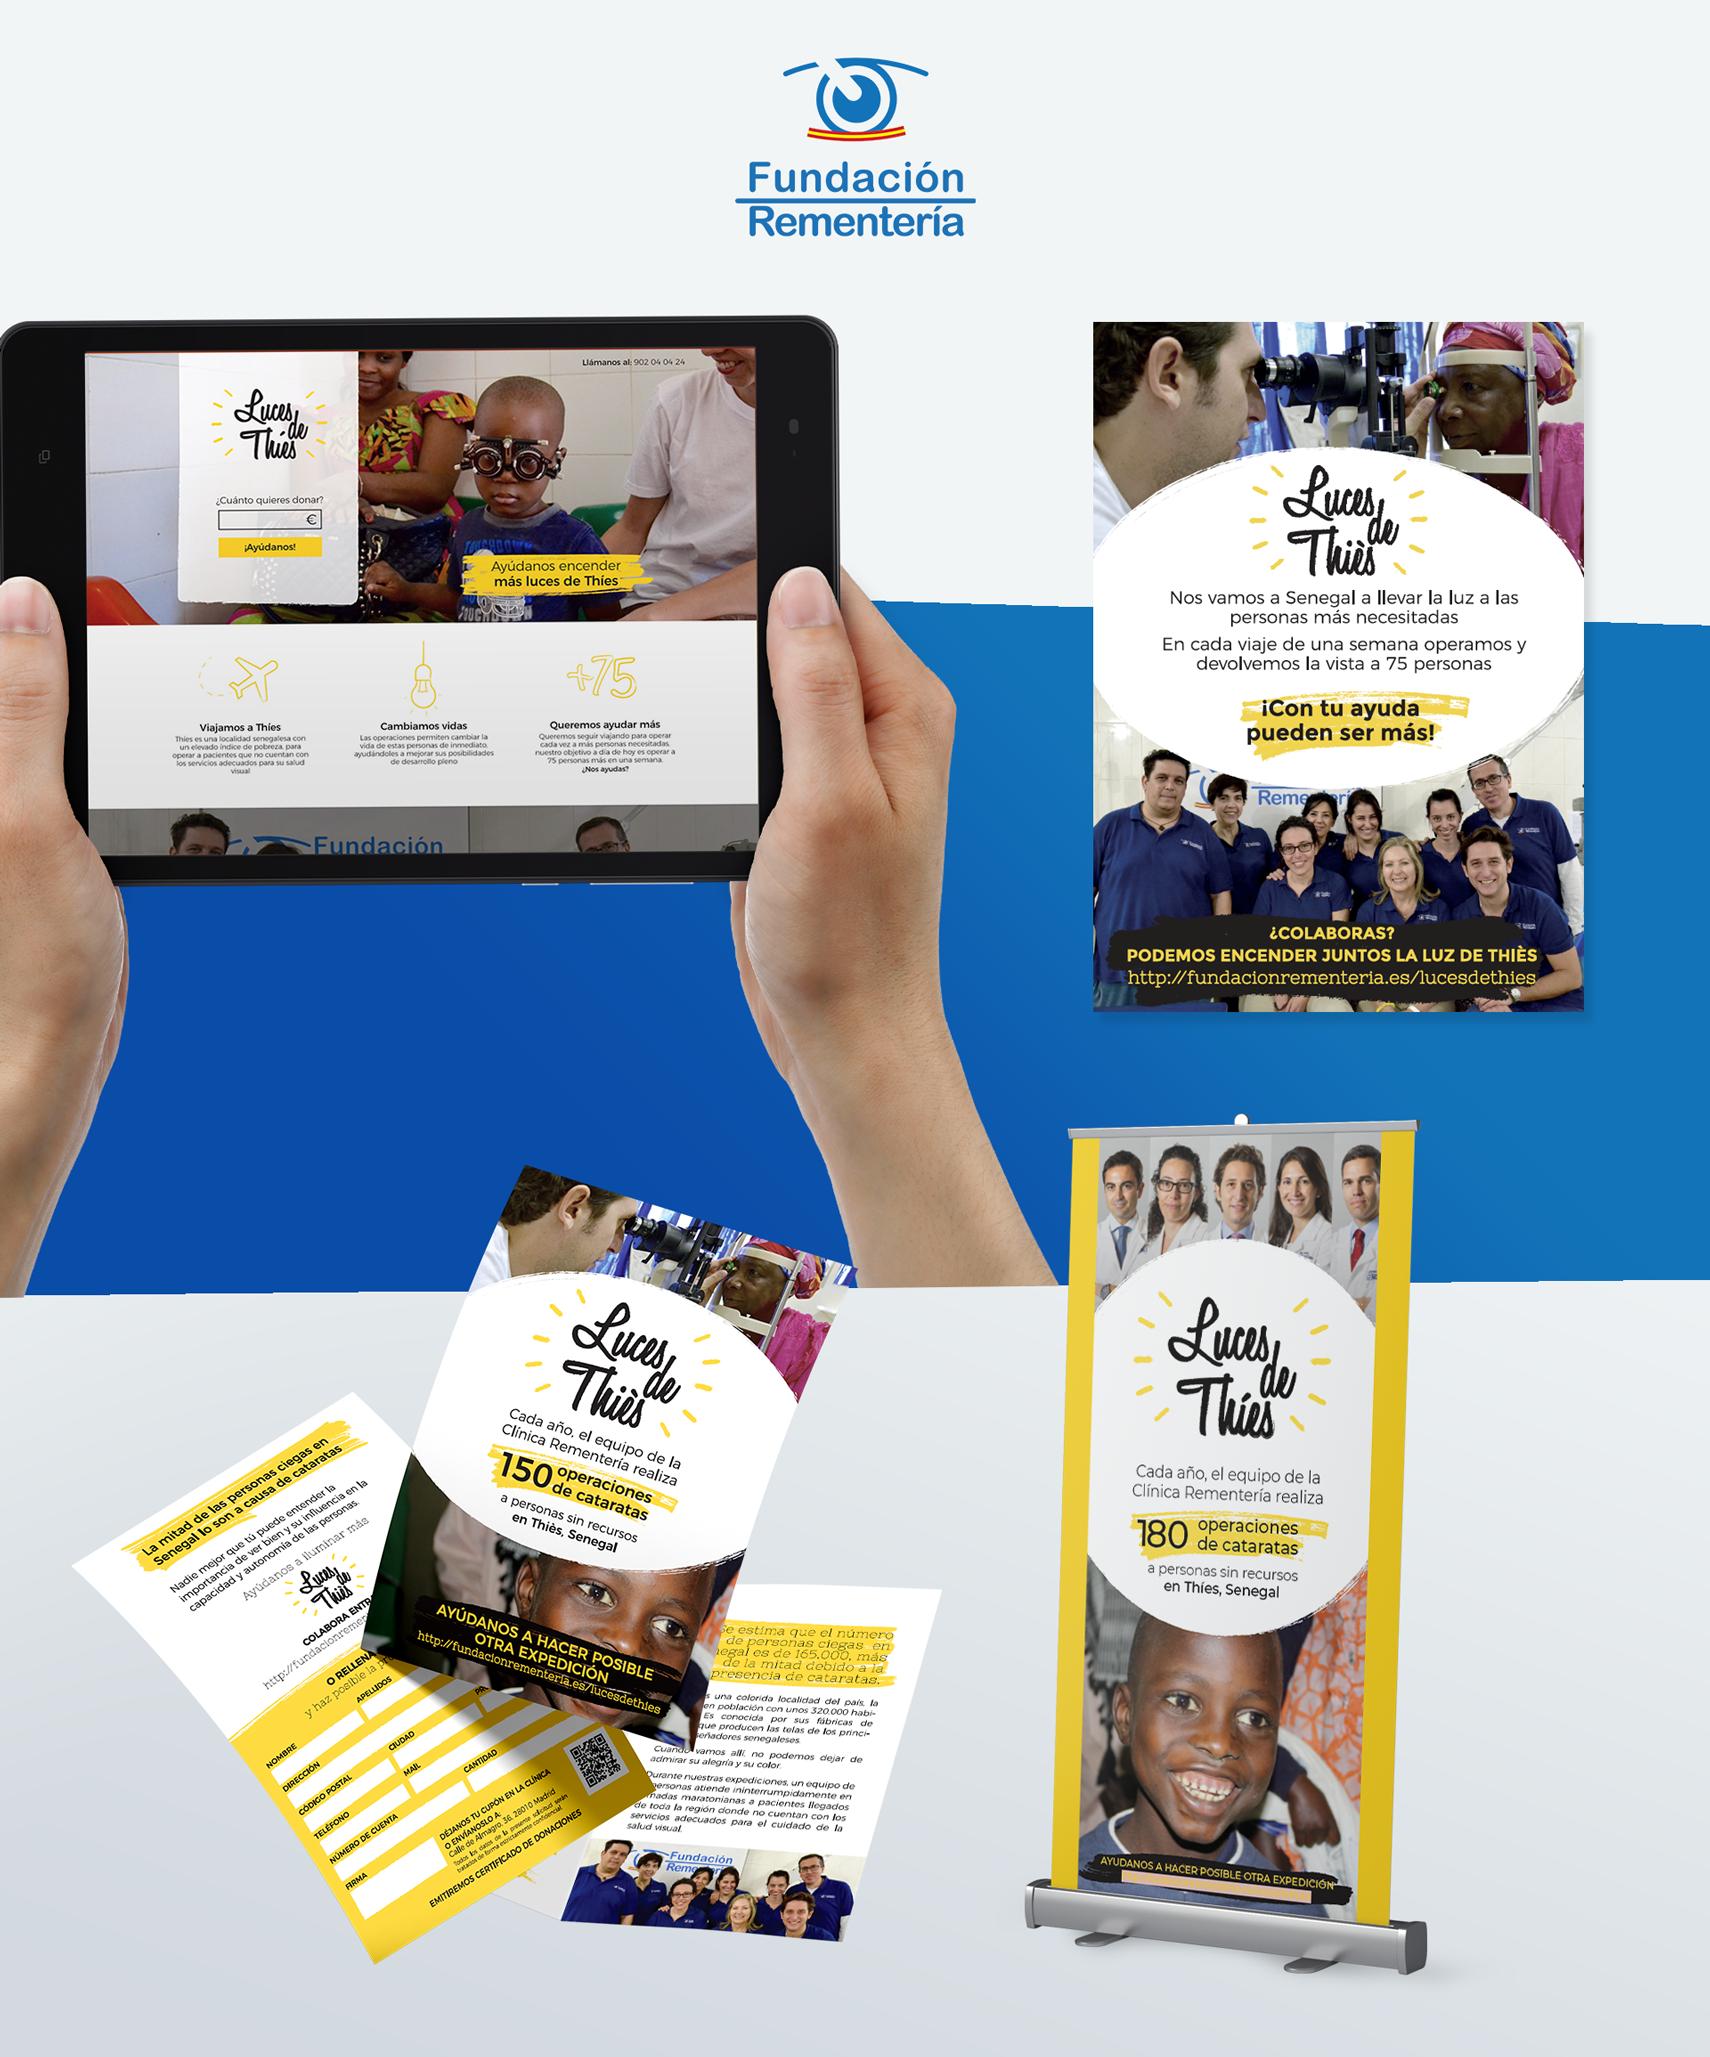 campaña de donación y captacion de fondos fundación Rementería